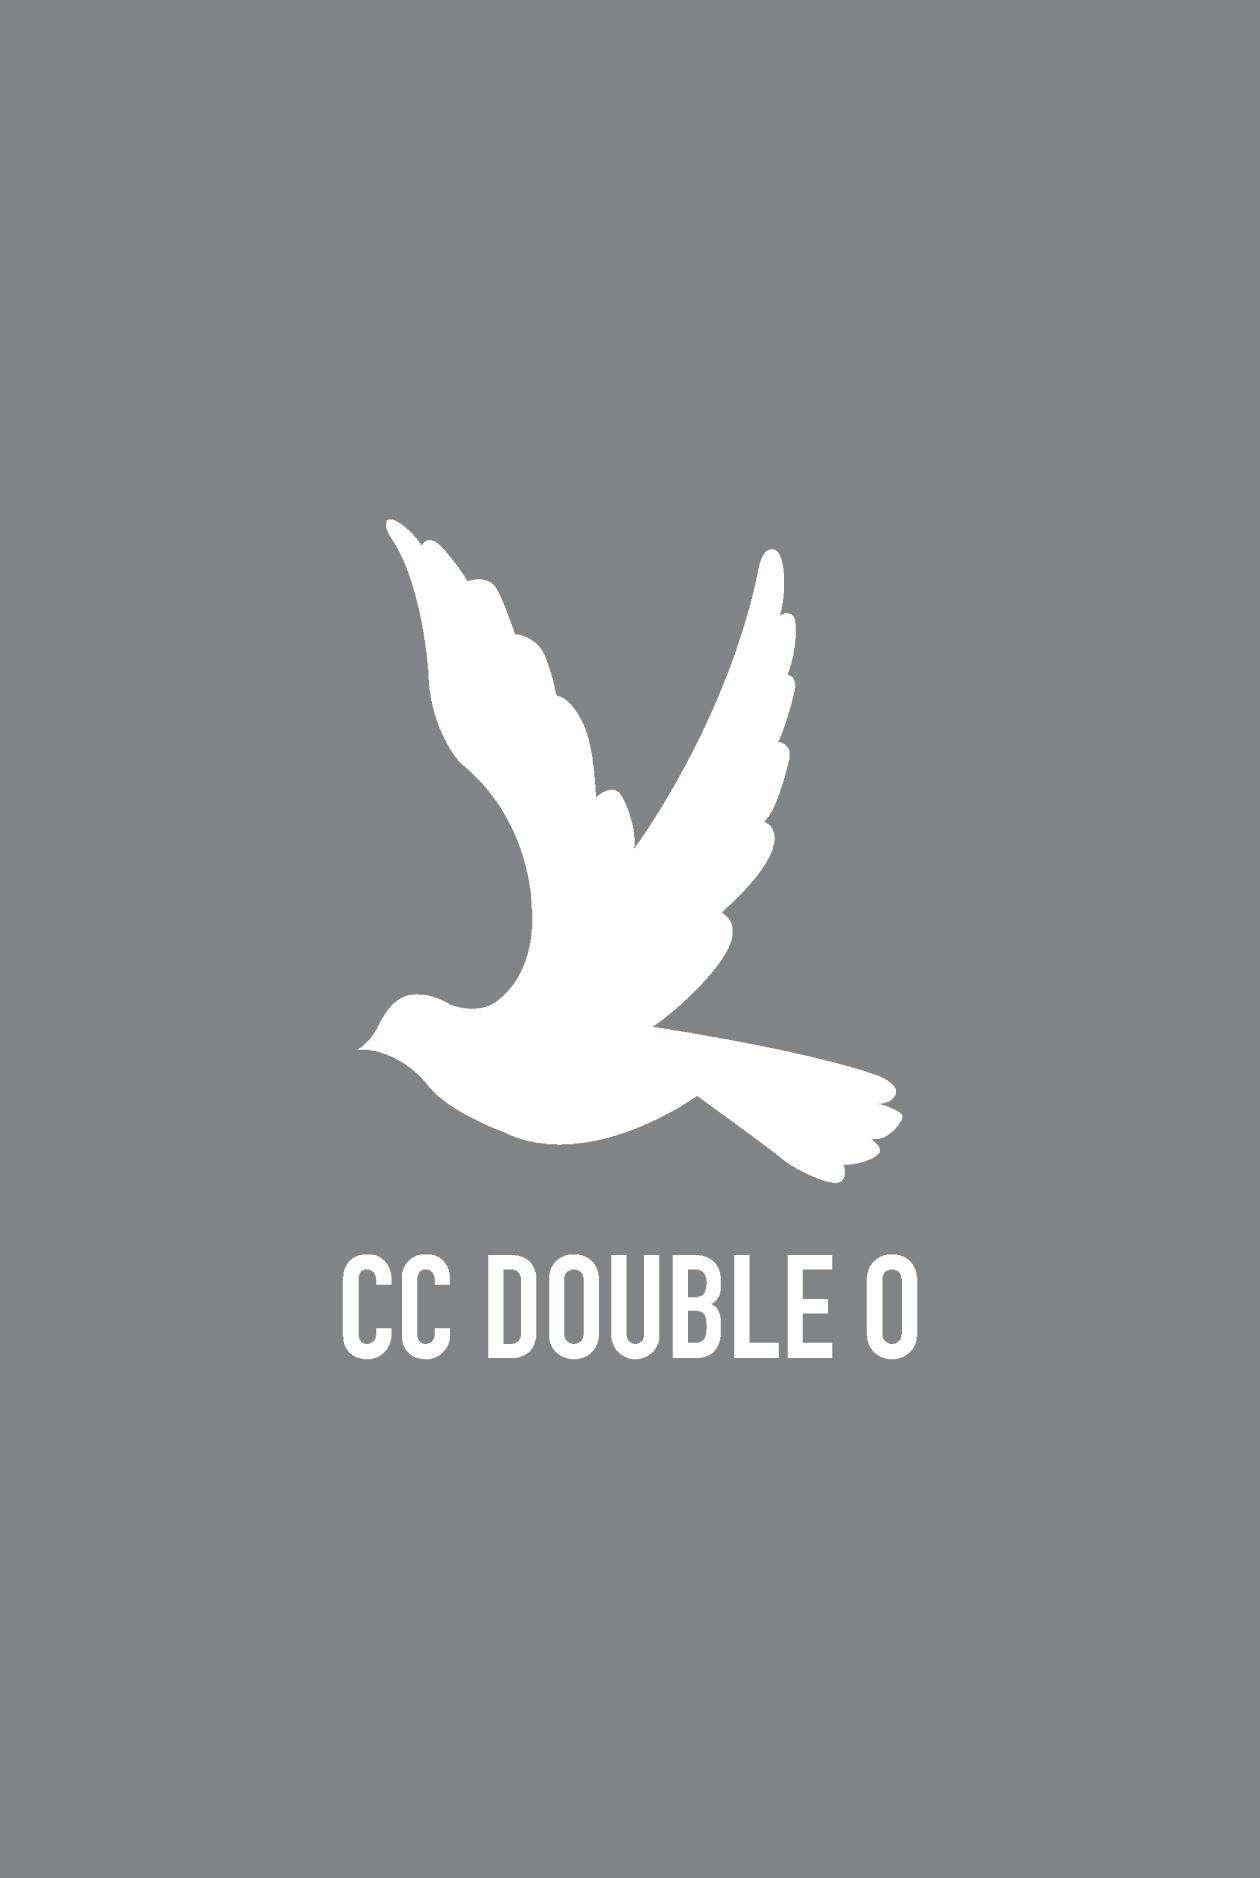 All-Over CC DOUBLE O Logo Pullover